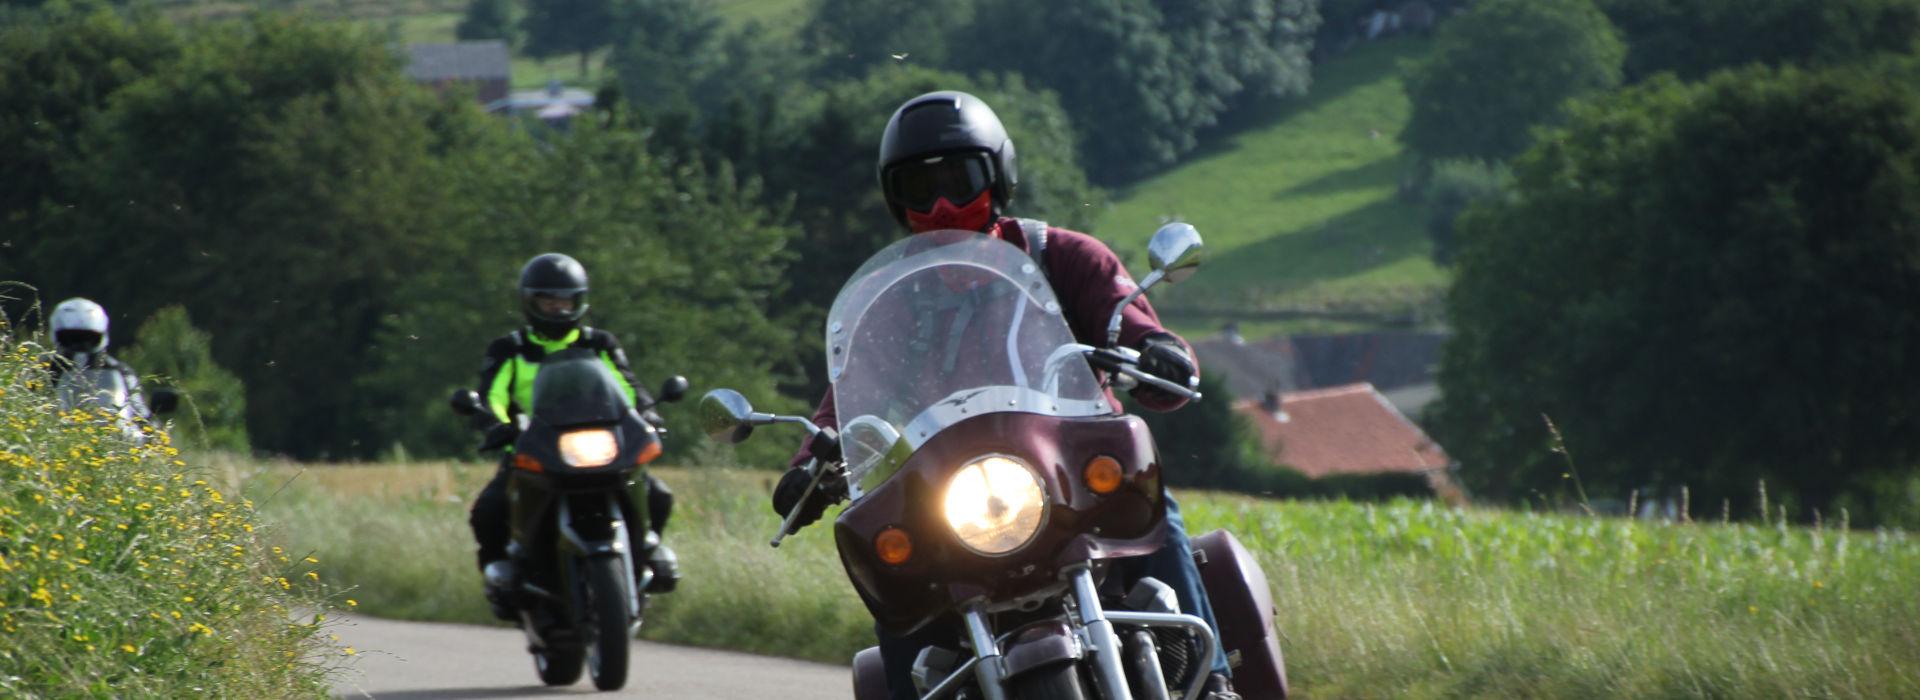 Motorrijbewijspoint Giessenburg snelcursus motorrijbewijs